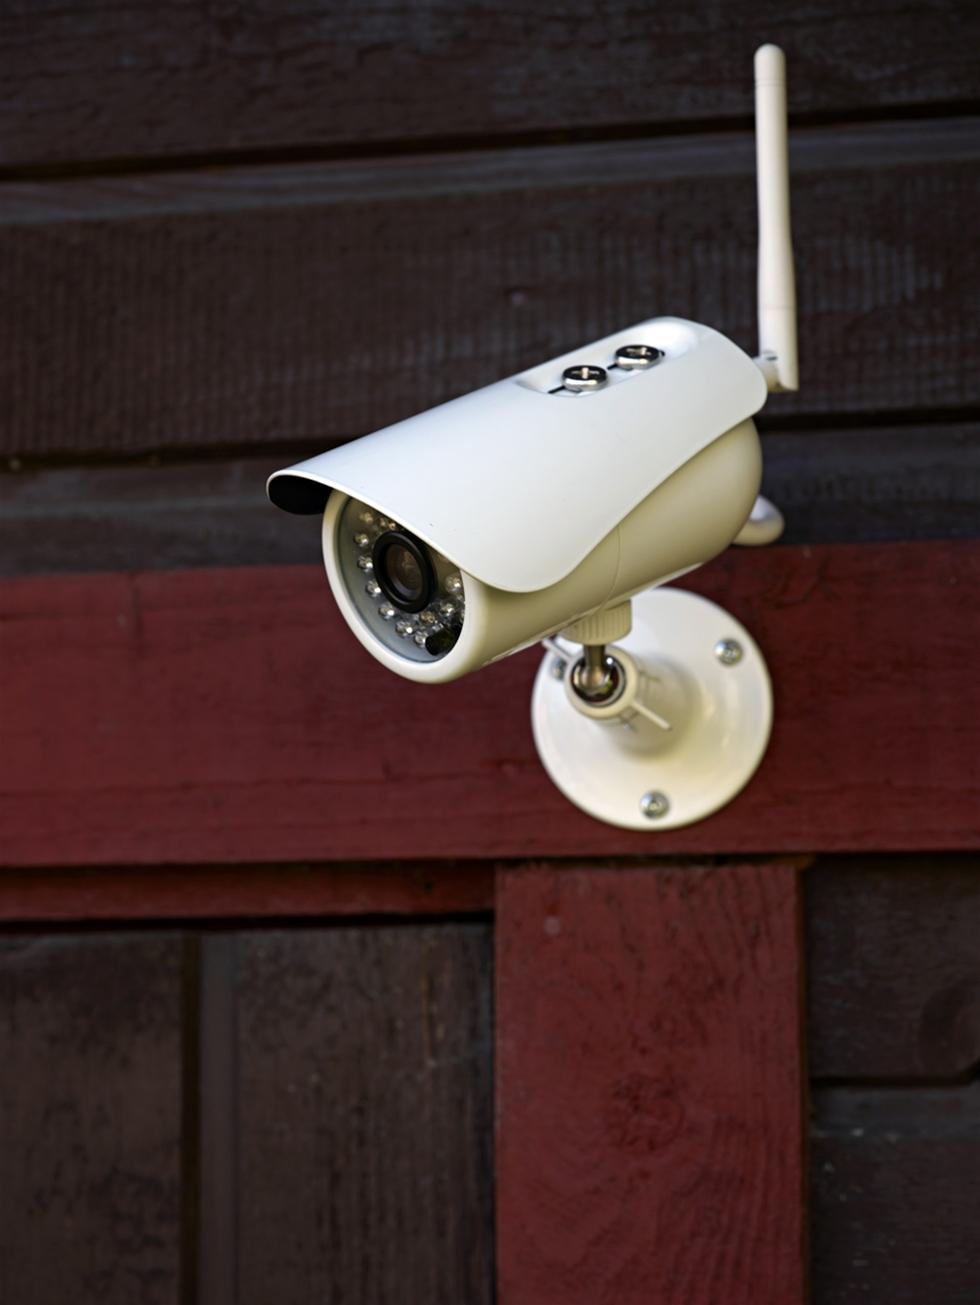 Yoyomotion lanserar nu en serie lättinstallerade och funktionsrika kvalitetskameror med hög prestanda för bostaden och affärsverksamheten. Kamerorna finns för montering inom- eller utomhus, med trådlös uppkoppling via 3G eller Wi-Fi.